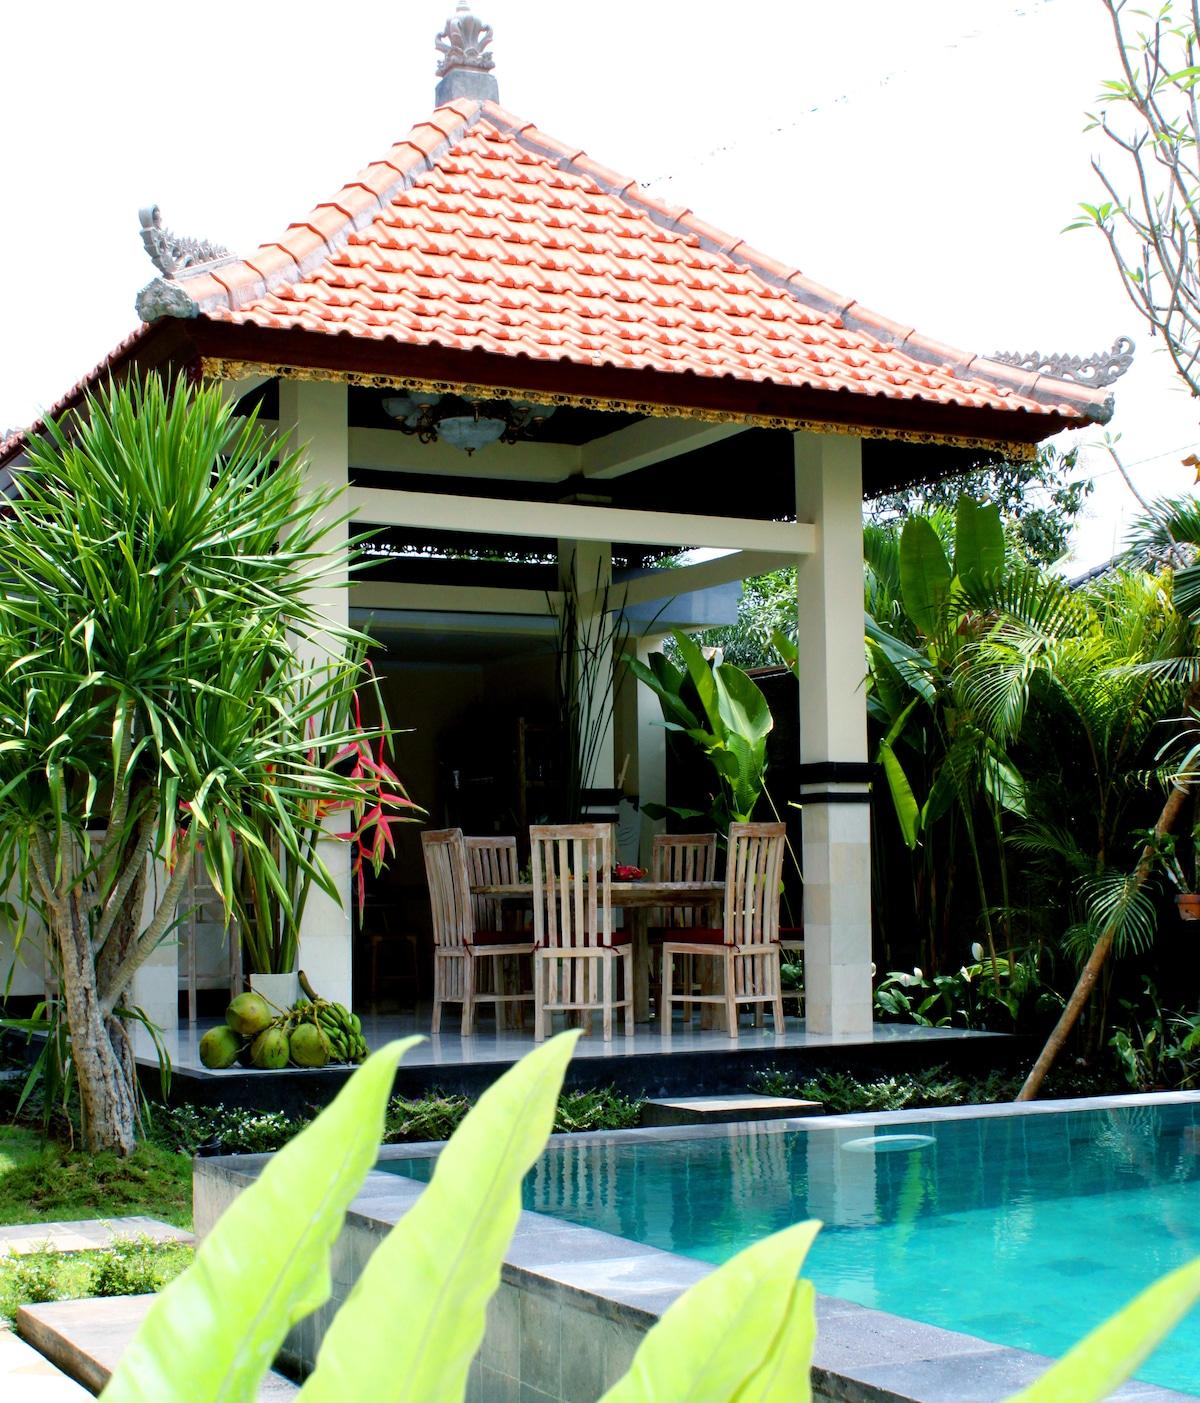 Promo Jun-Aug $300 7-bd villa